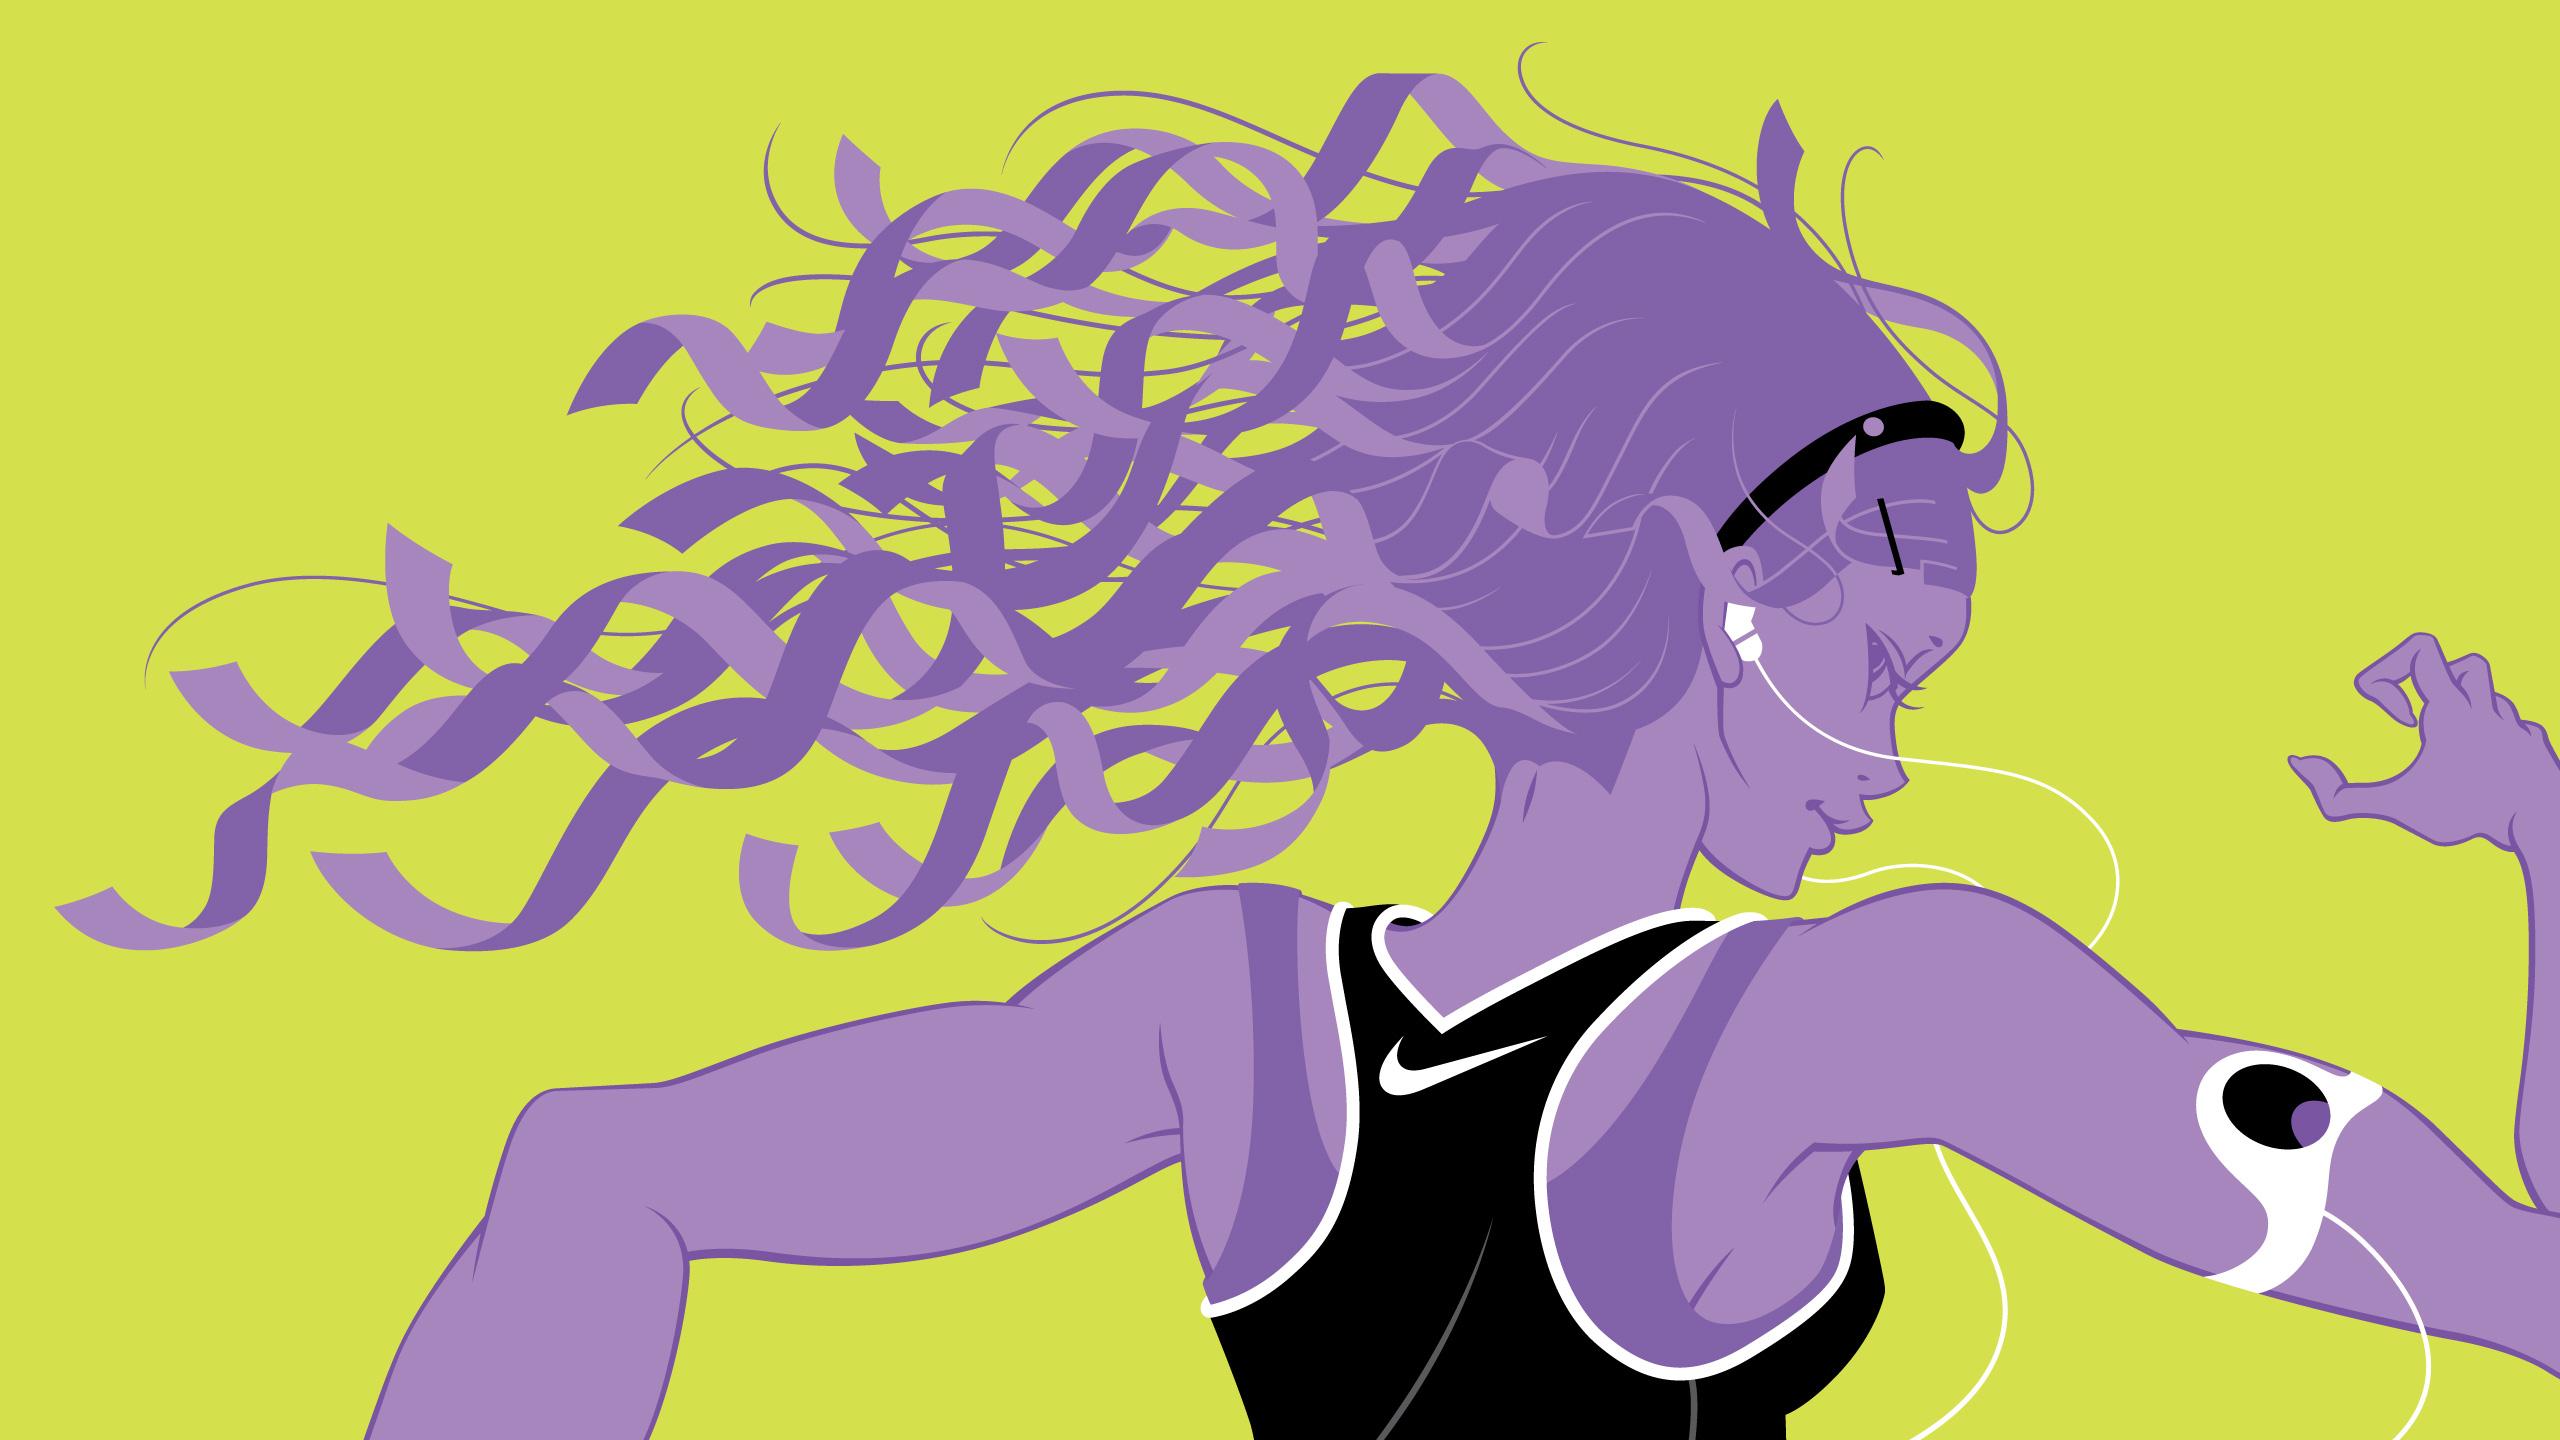 Nike Free hero image